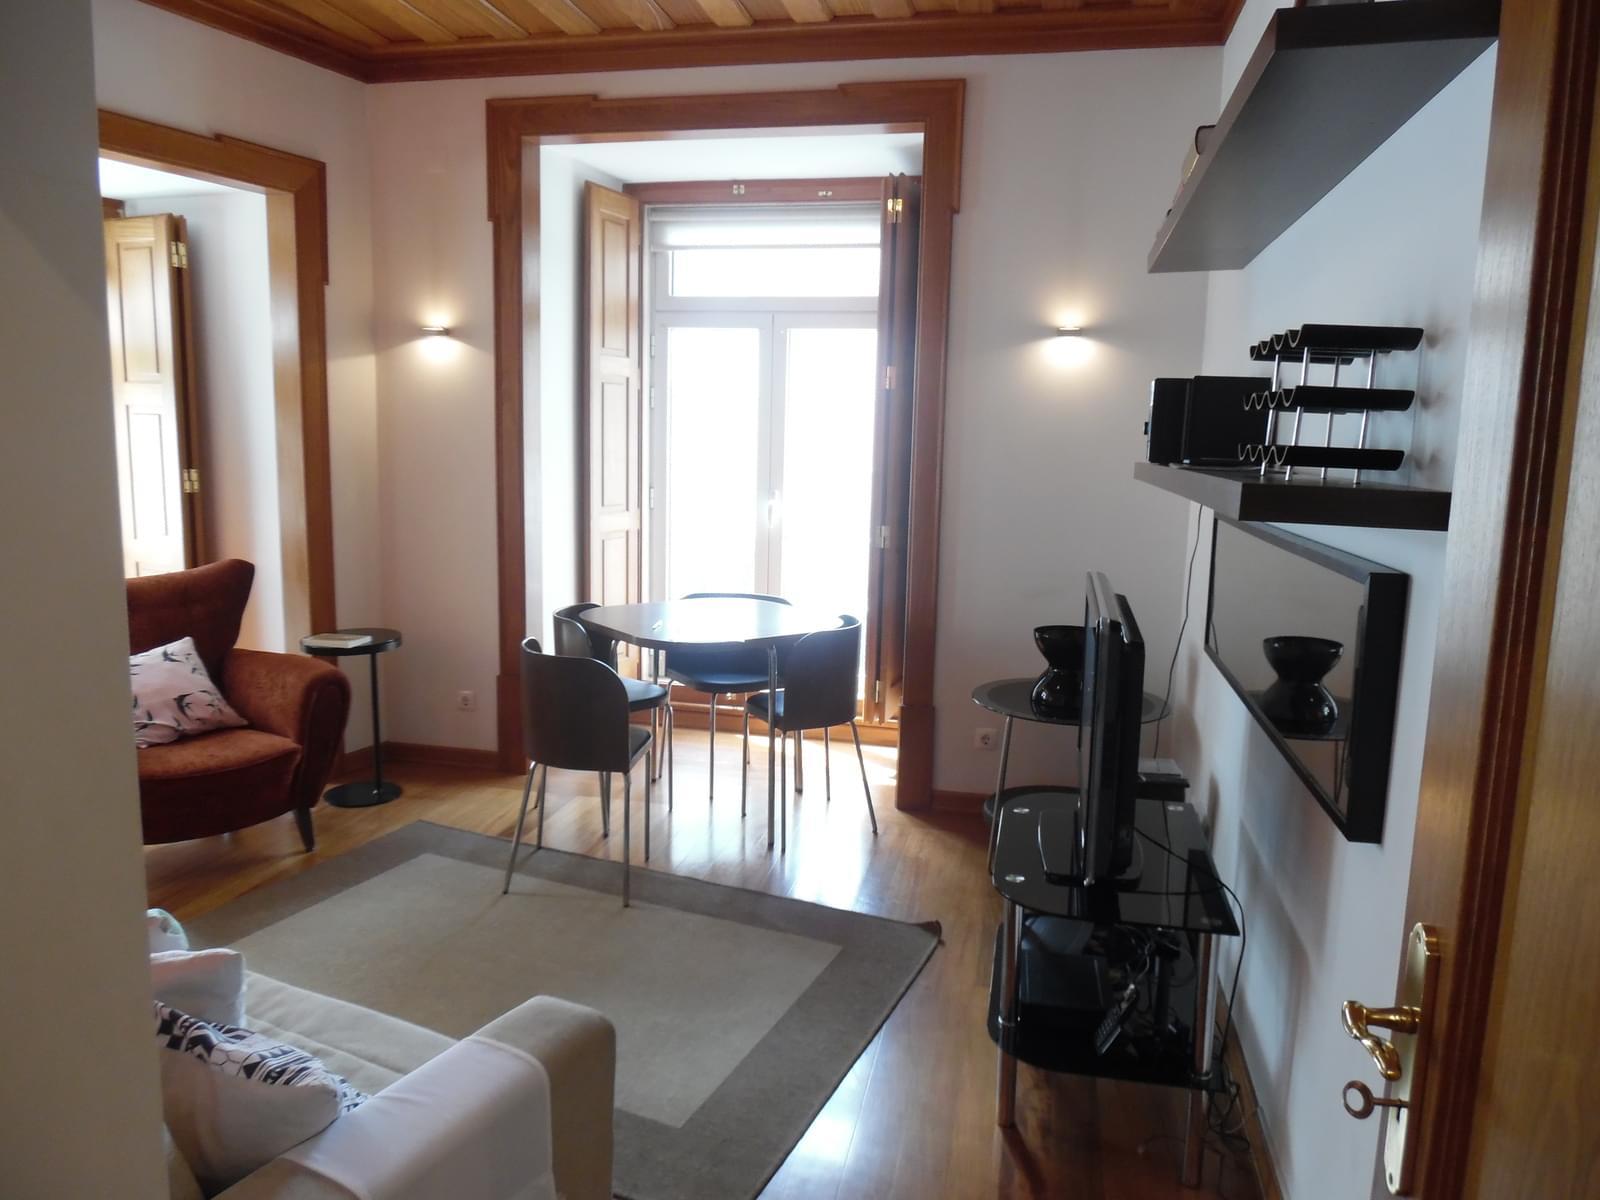 pf16905-apartamento-t1-lisboa-97d509a9-39dd-4a24-a2d0-98edc941313a